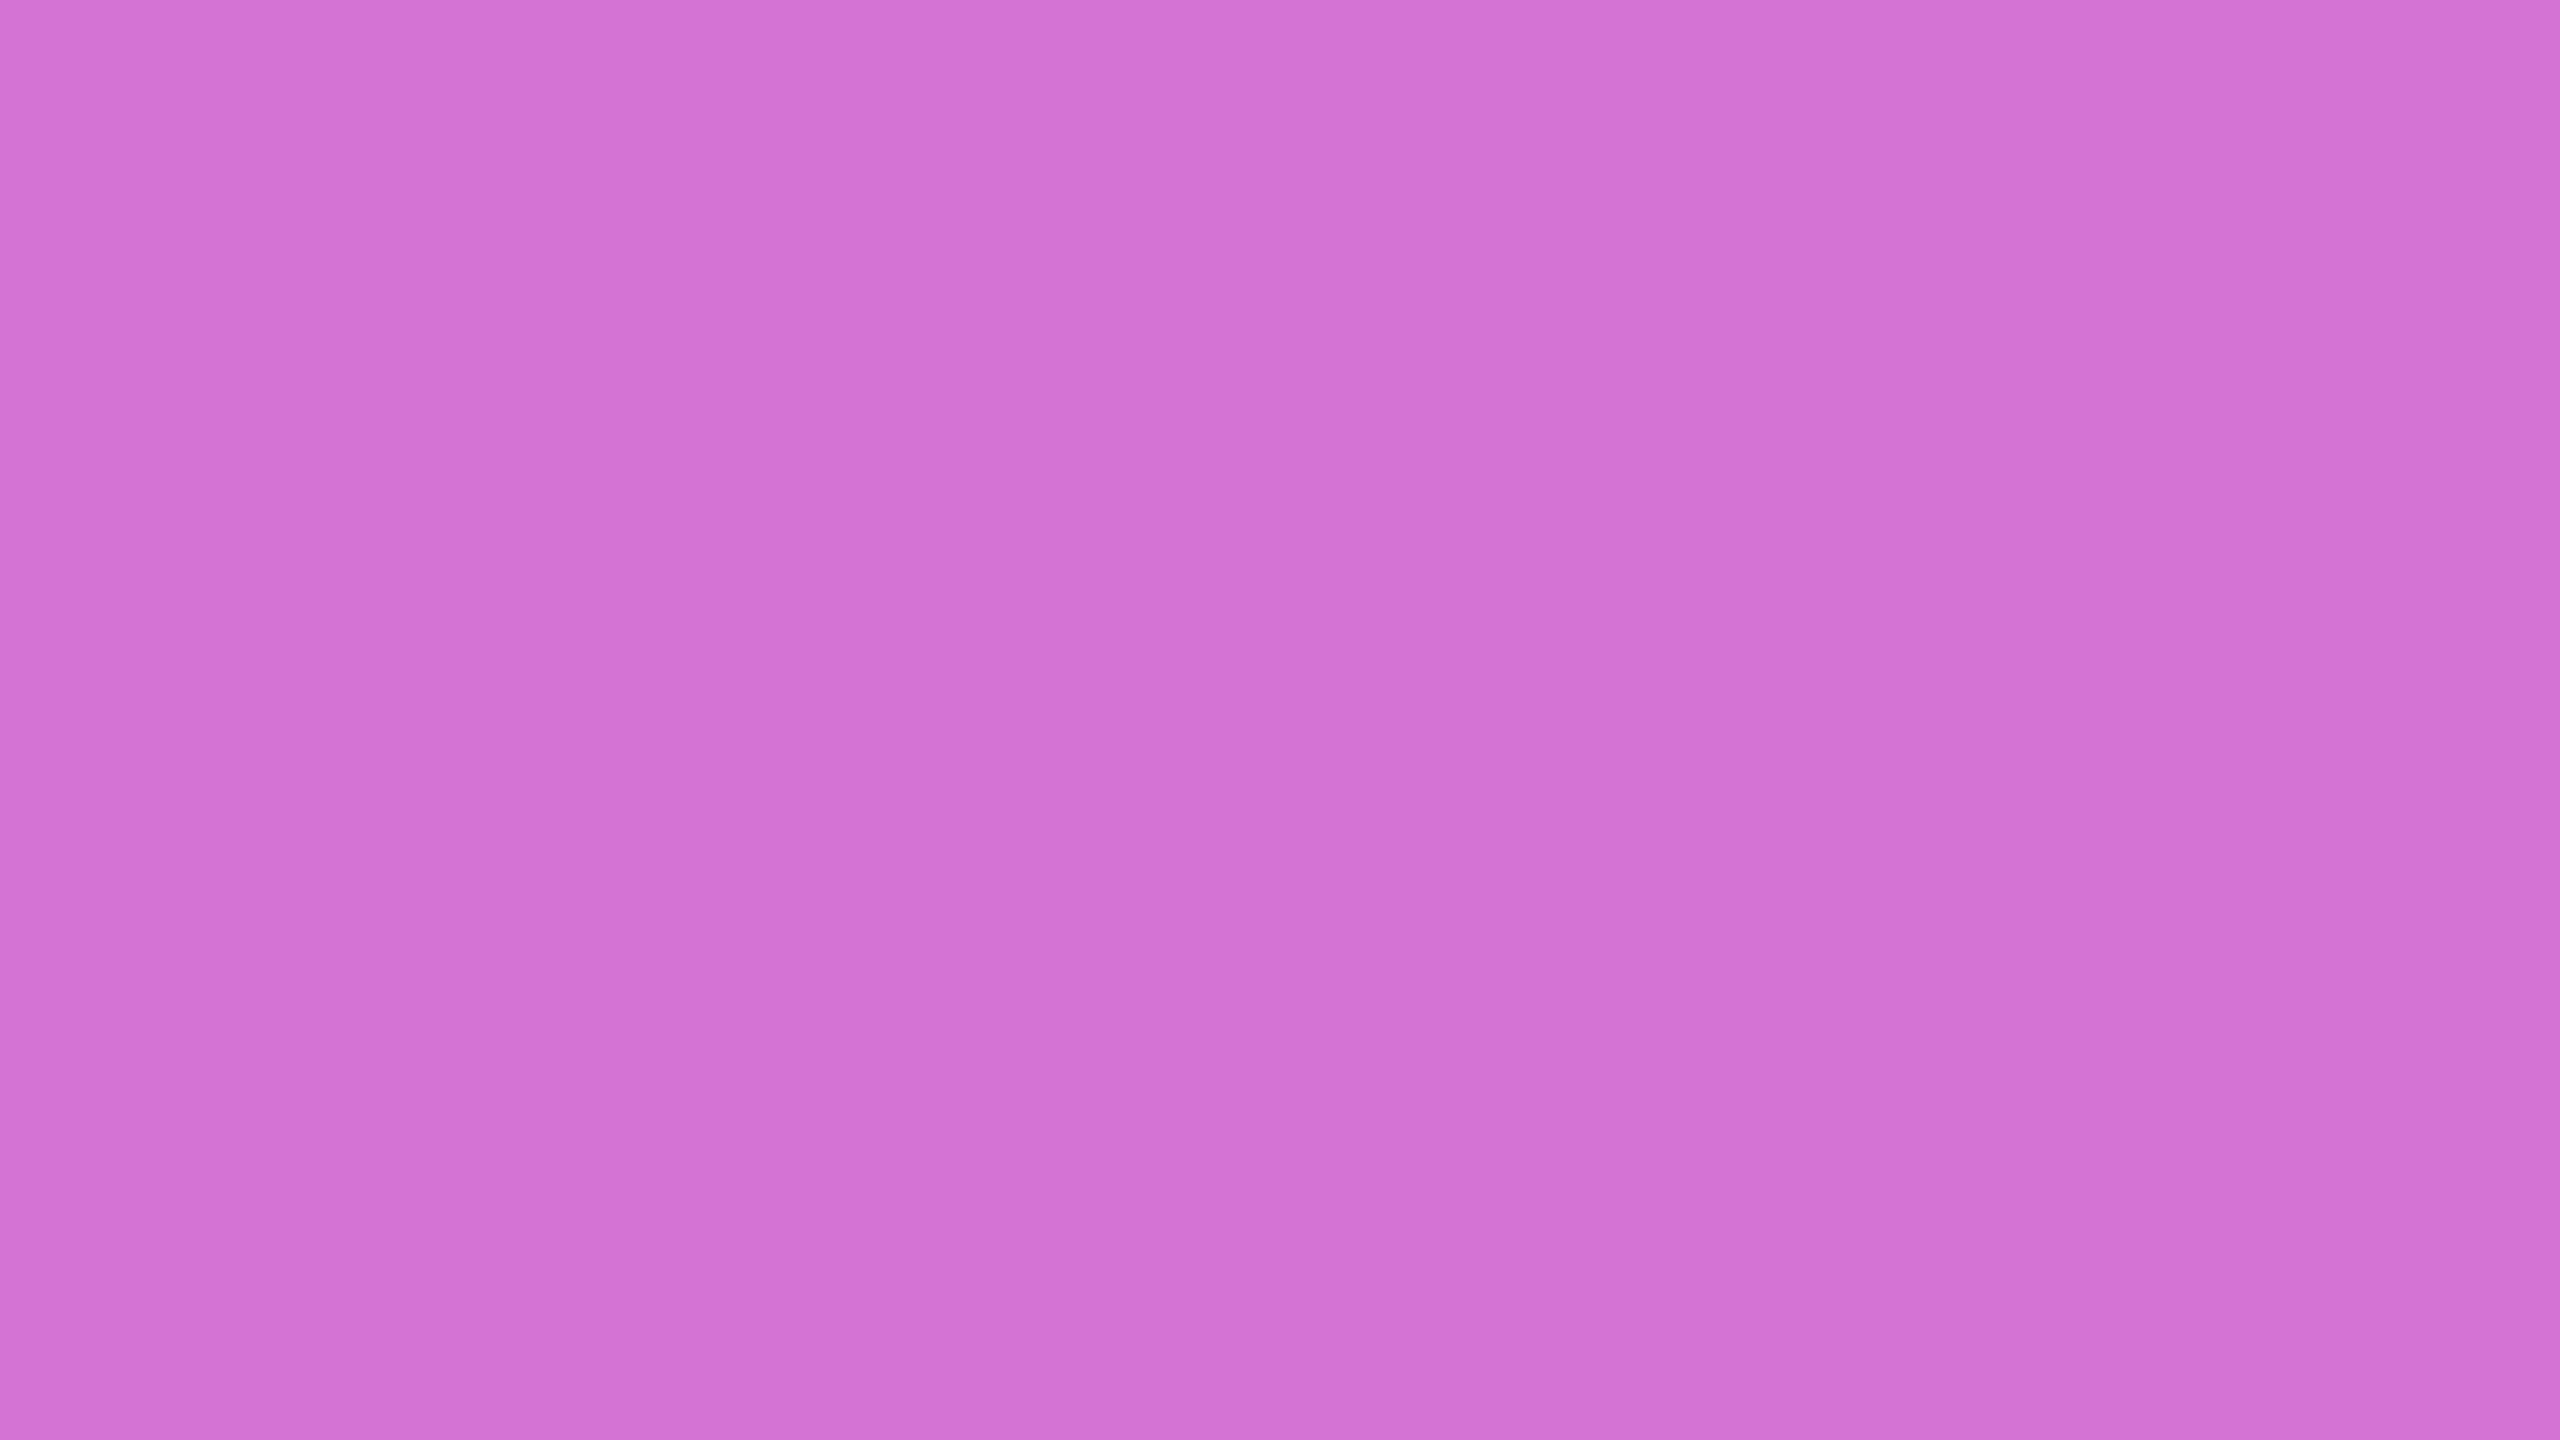 2560x1440 Deep Mauve Solid Color Background